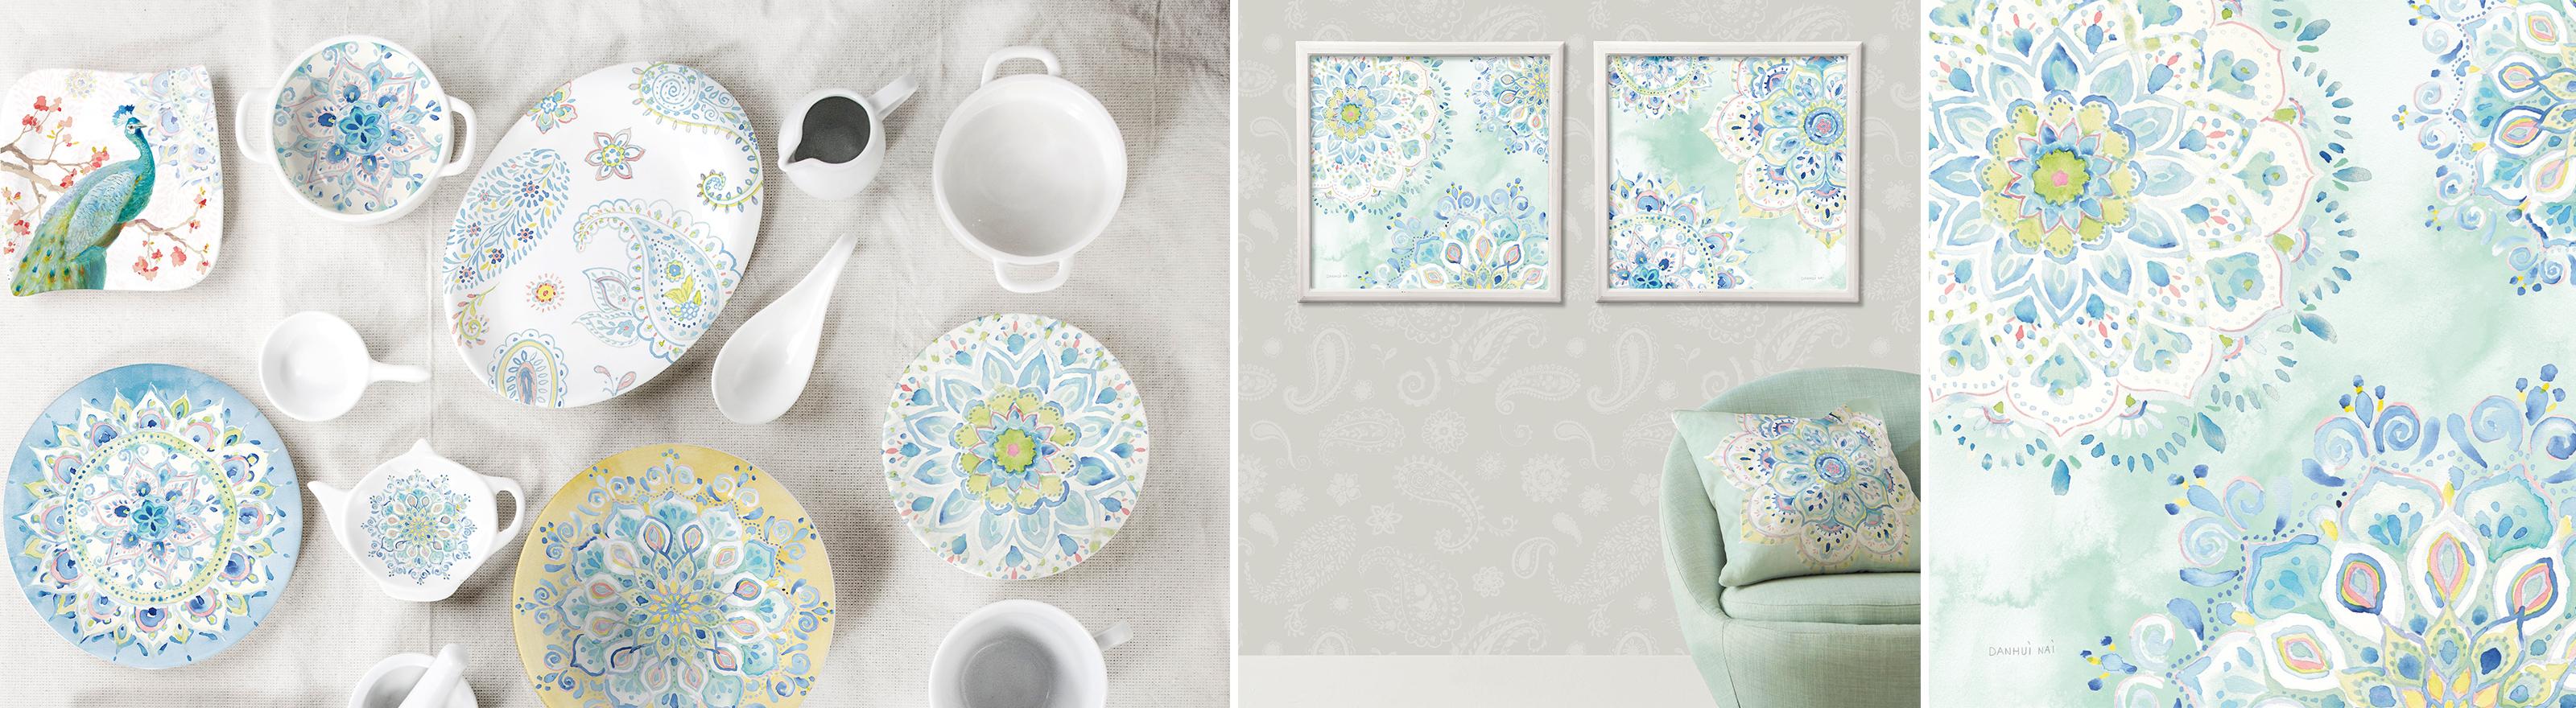 Mandala Art and Patterns